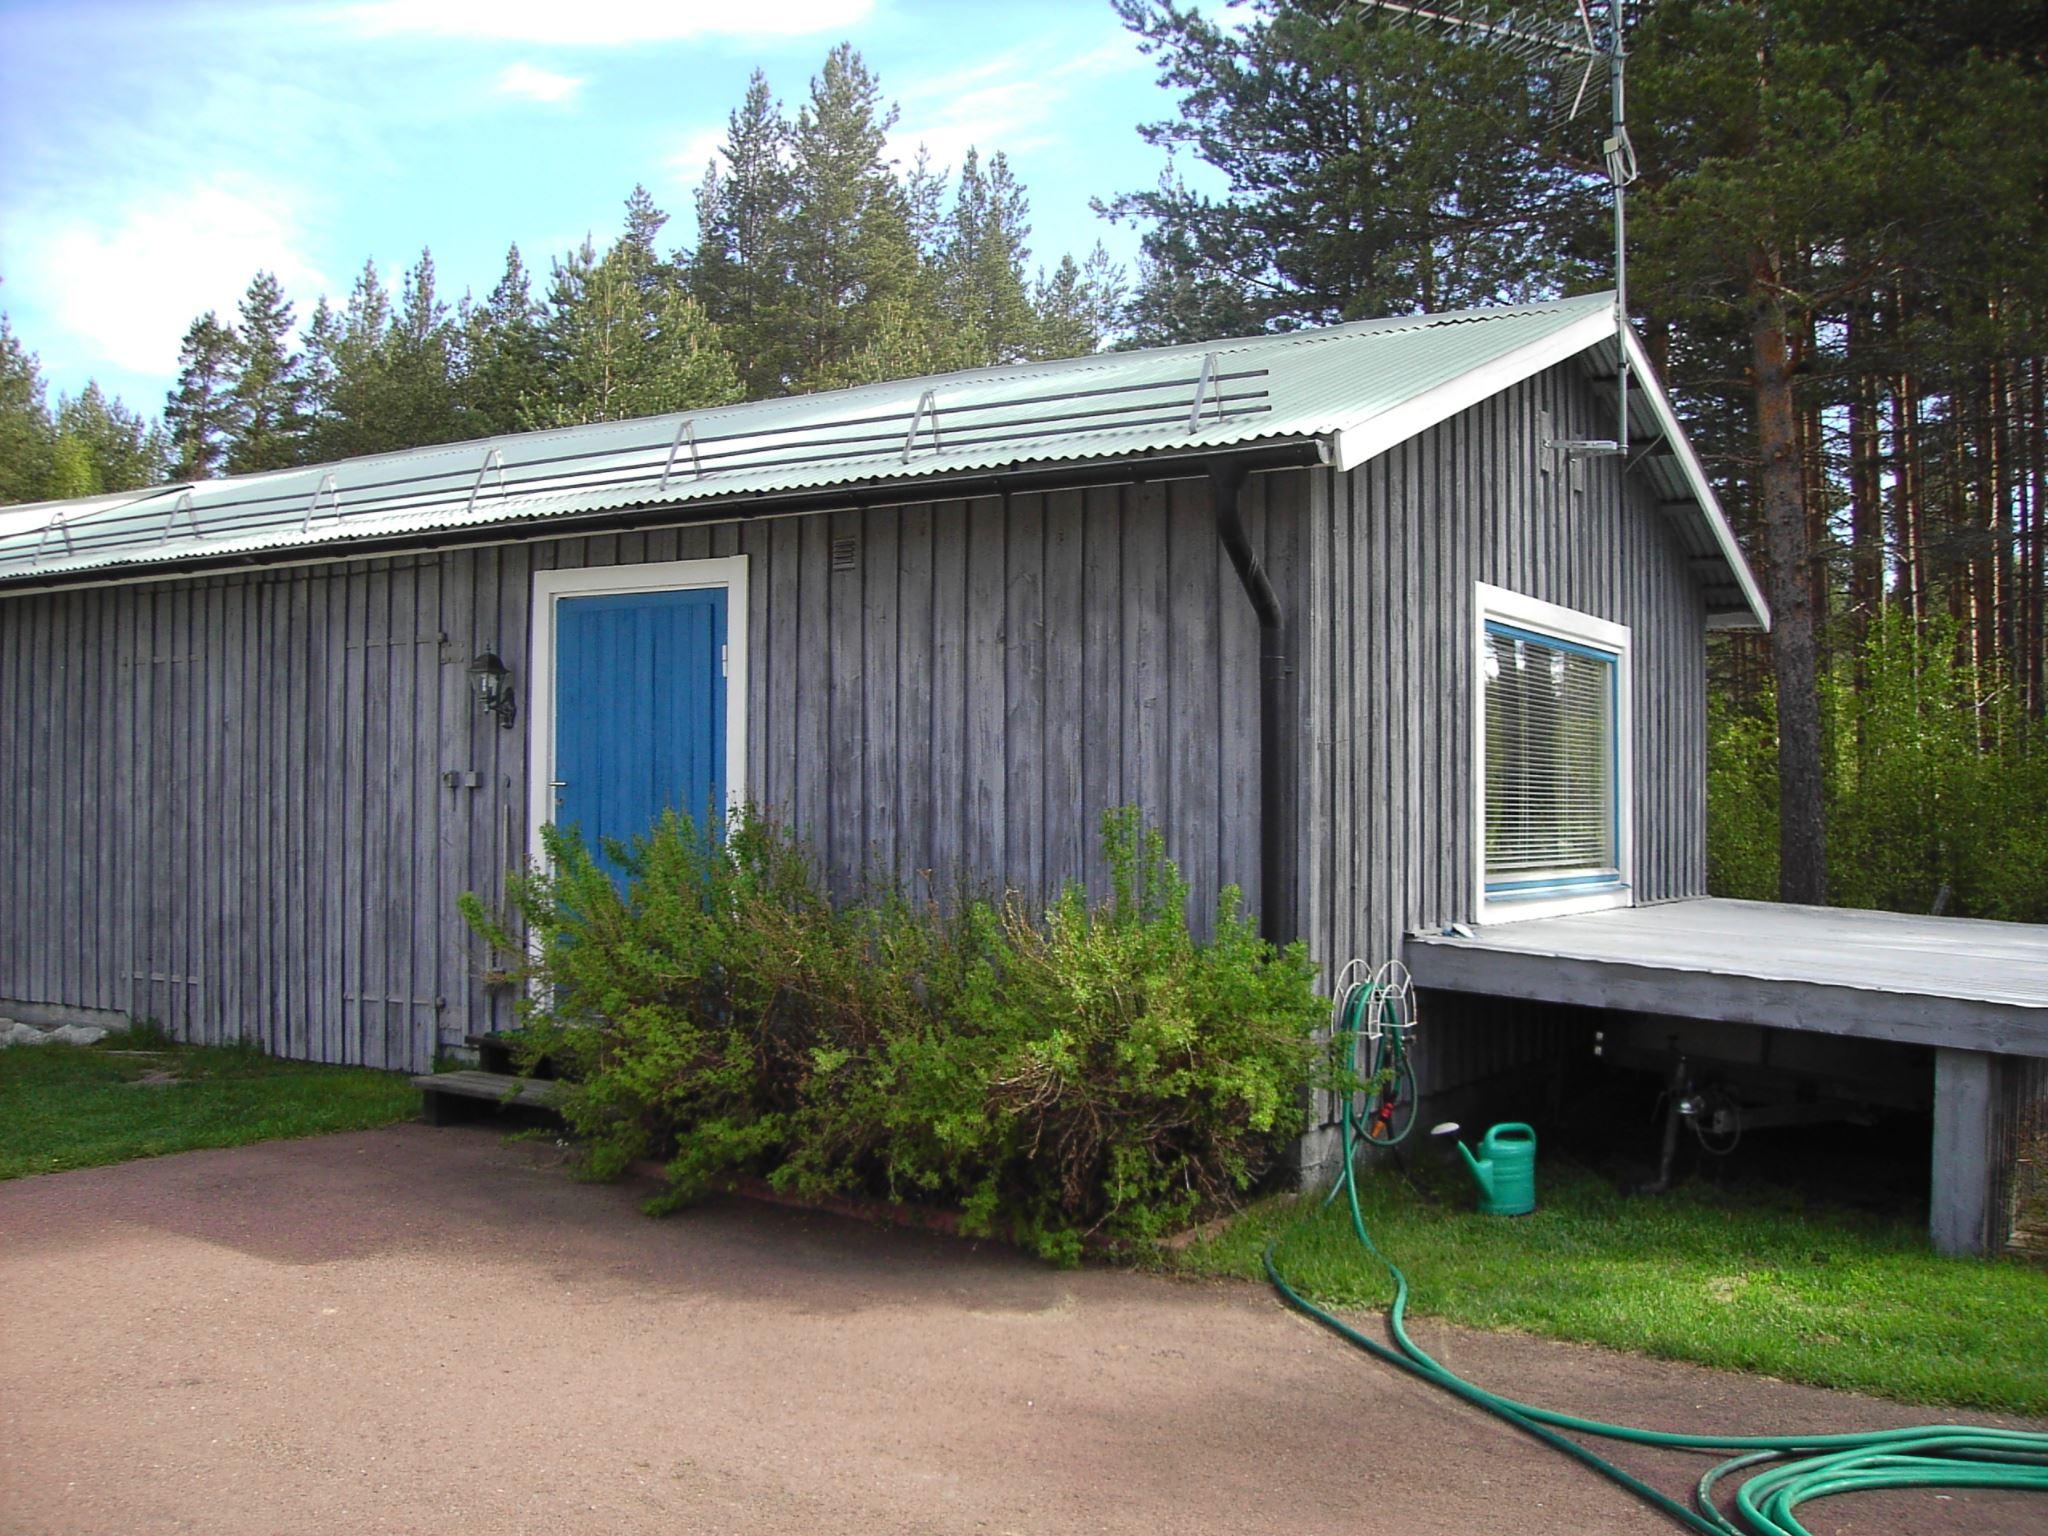 R408 Ingels, 10 km N Rättvik